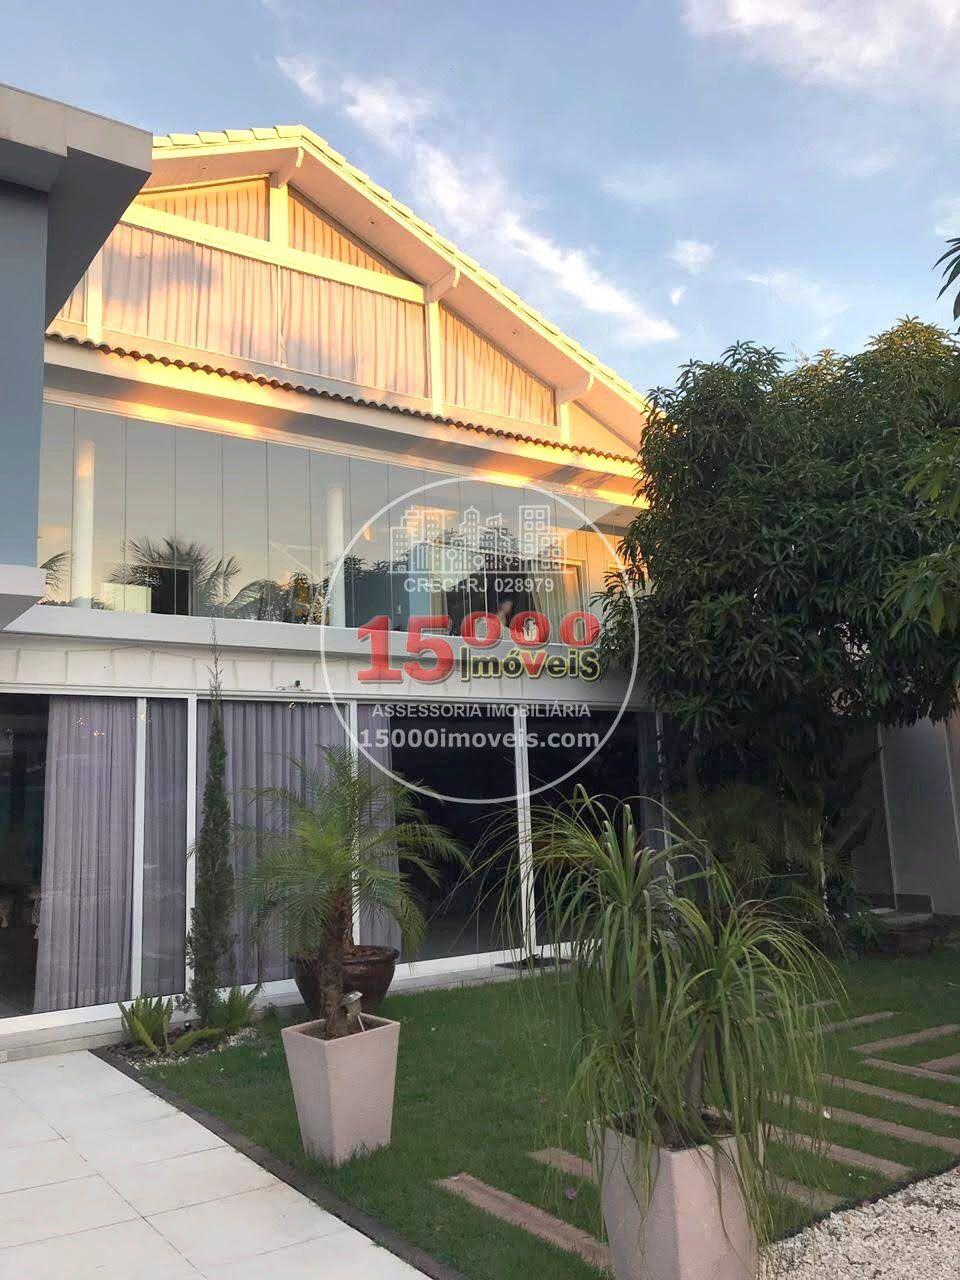 Casa duplex 5 suítes no Cond. Vivendas do Sol - Recreio dos Bandeirantes (15000-110) - 15000-110 - 2